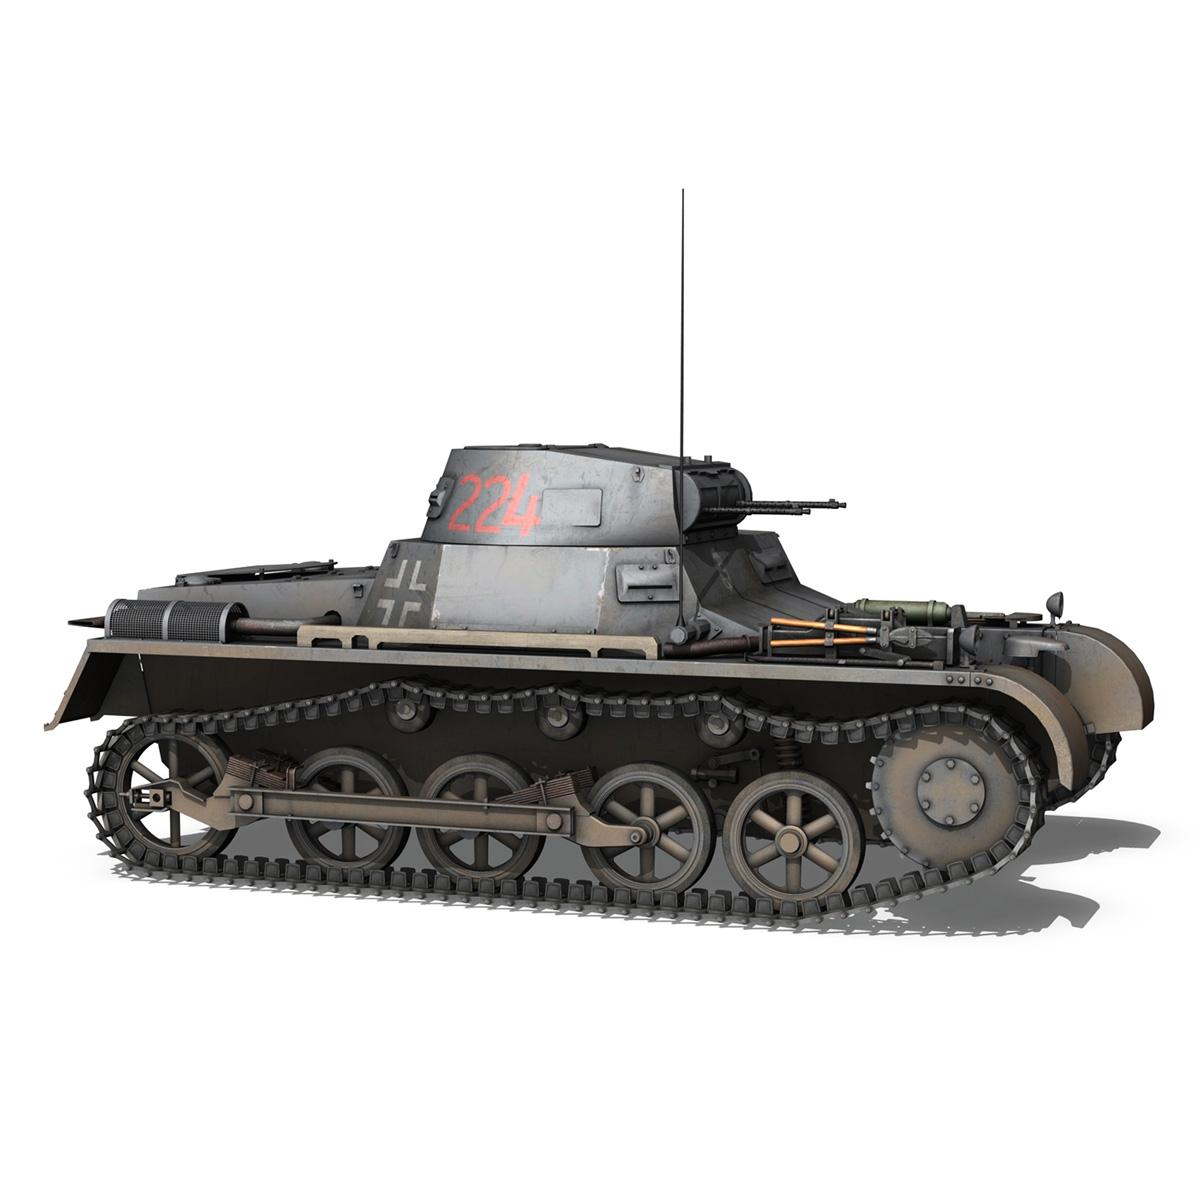 pzkpfw 1 - panzer 1 - ausf. a - Model 224 3d 3ds fbx c4d lwo obj 195078